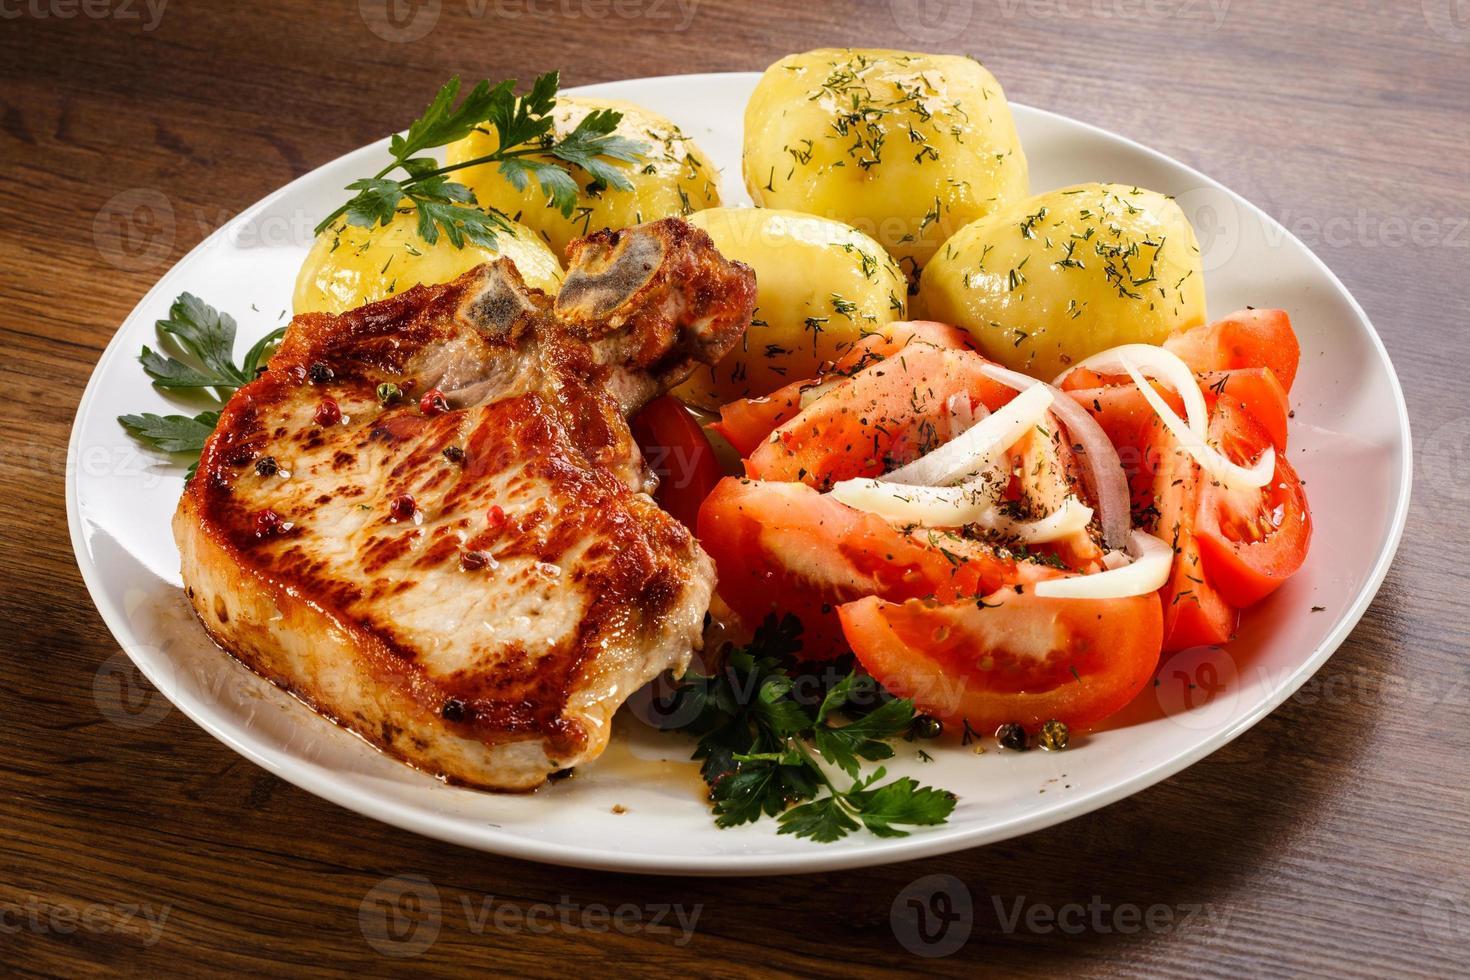 costeleta de porco, batatas cozidas e legumes foto